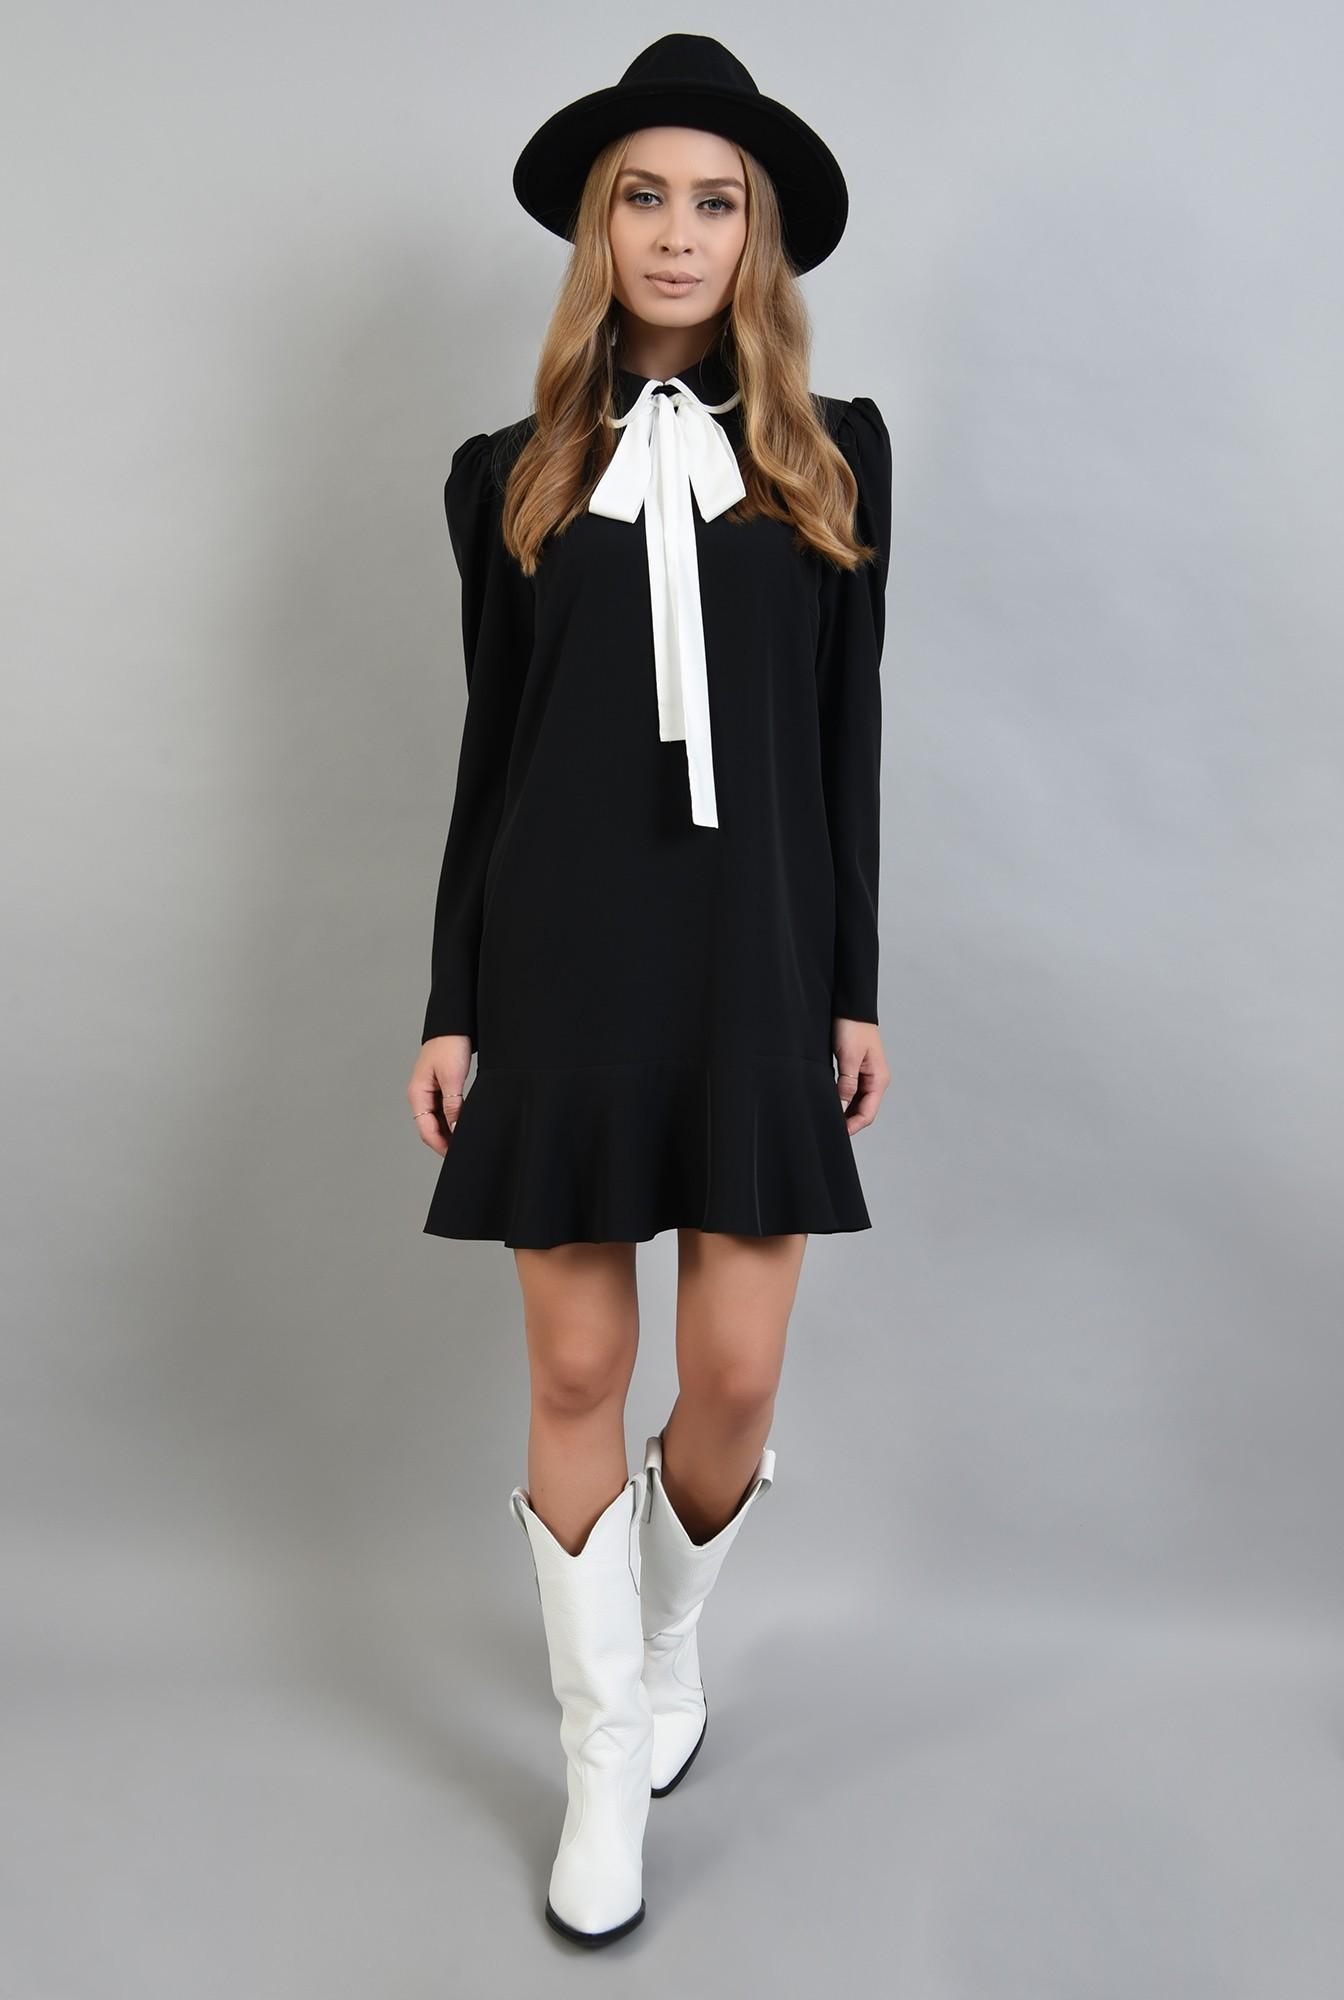 0 - rochie neagra, cu maneca lunga, cu funda alba